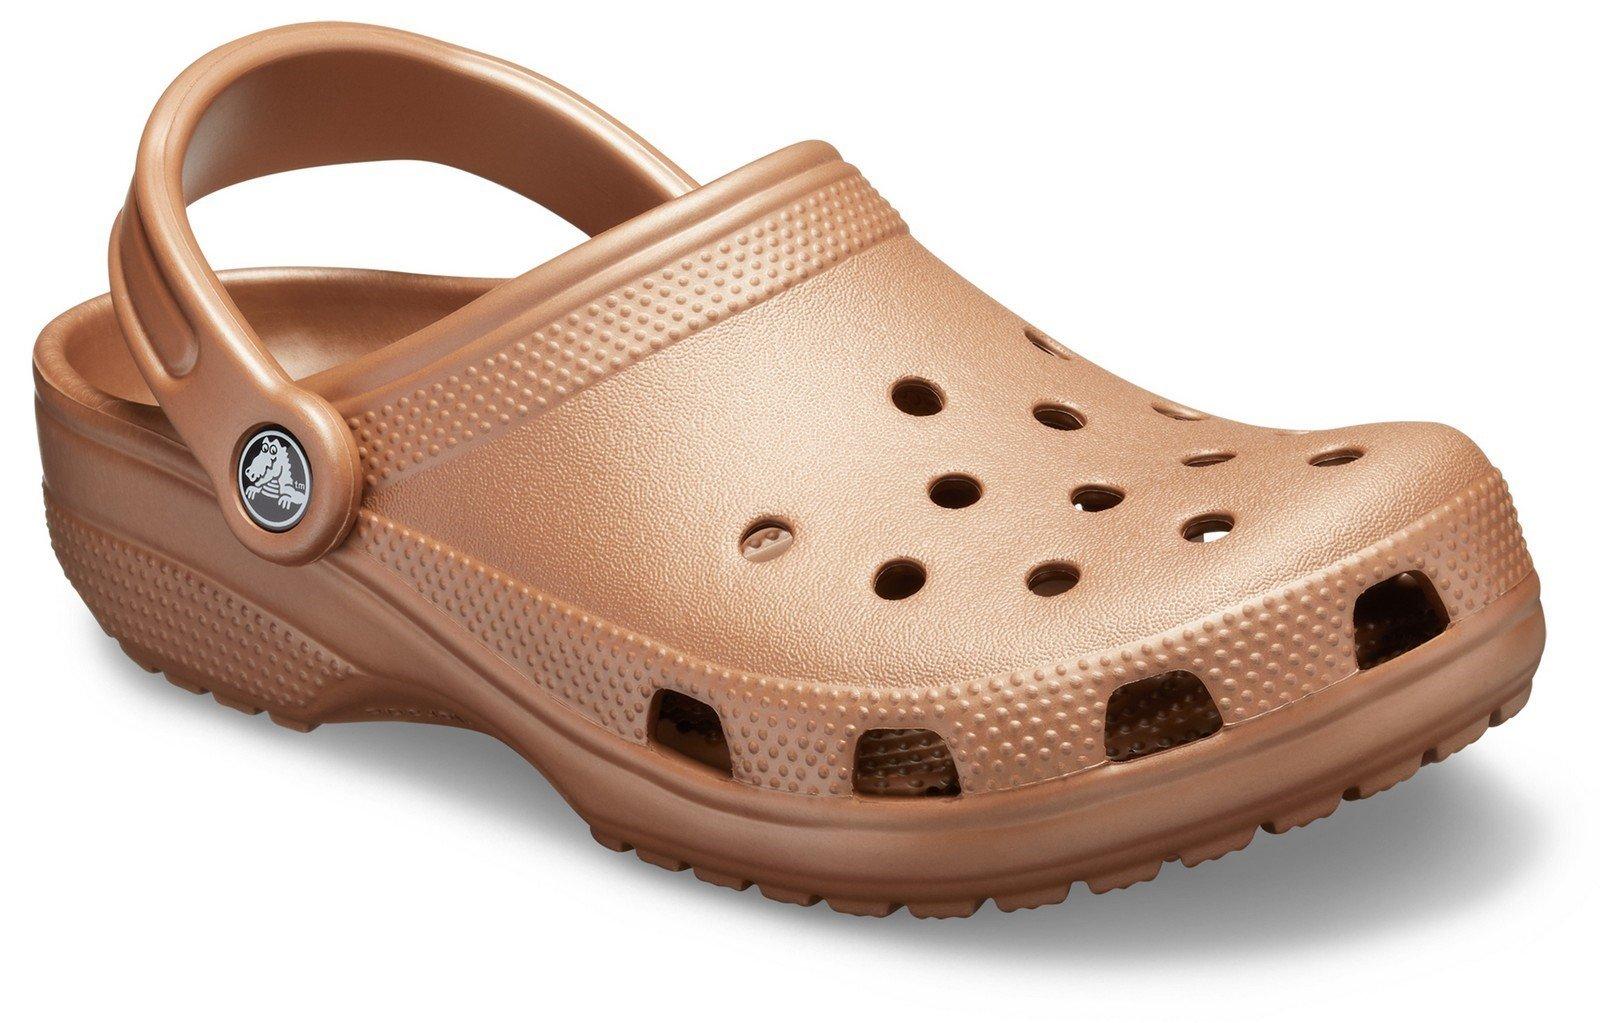 Crocs Unisex Classic Clog Sandal Various Colours 21060 - Bronze 3